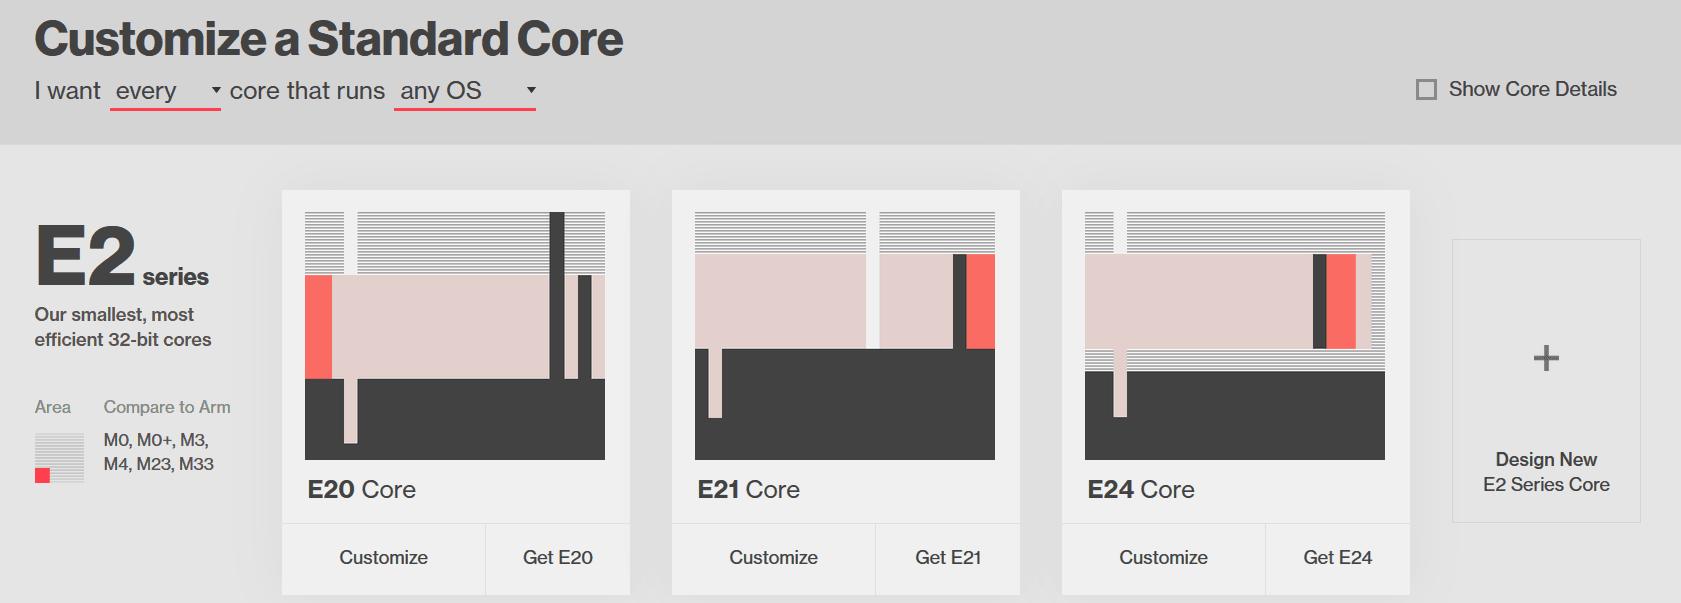 Co łączy Intela, Qualcomma oraz Samsunga? Wszystkie te firmy zainwestowały w SiFive 19